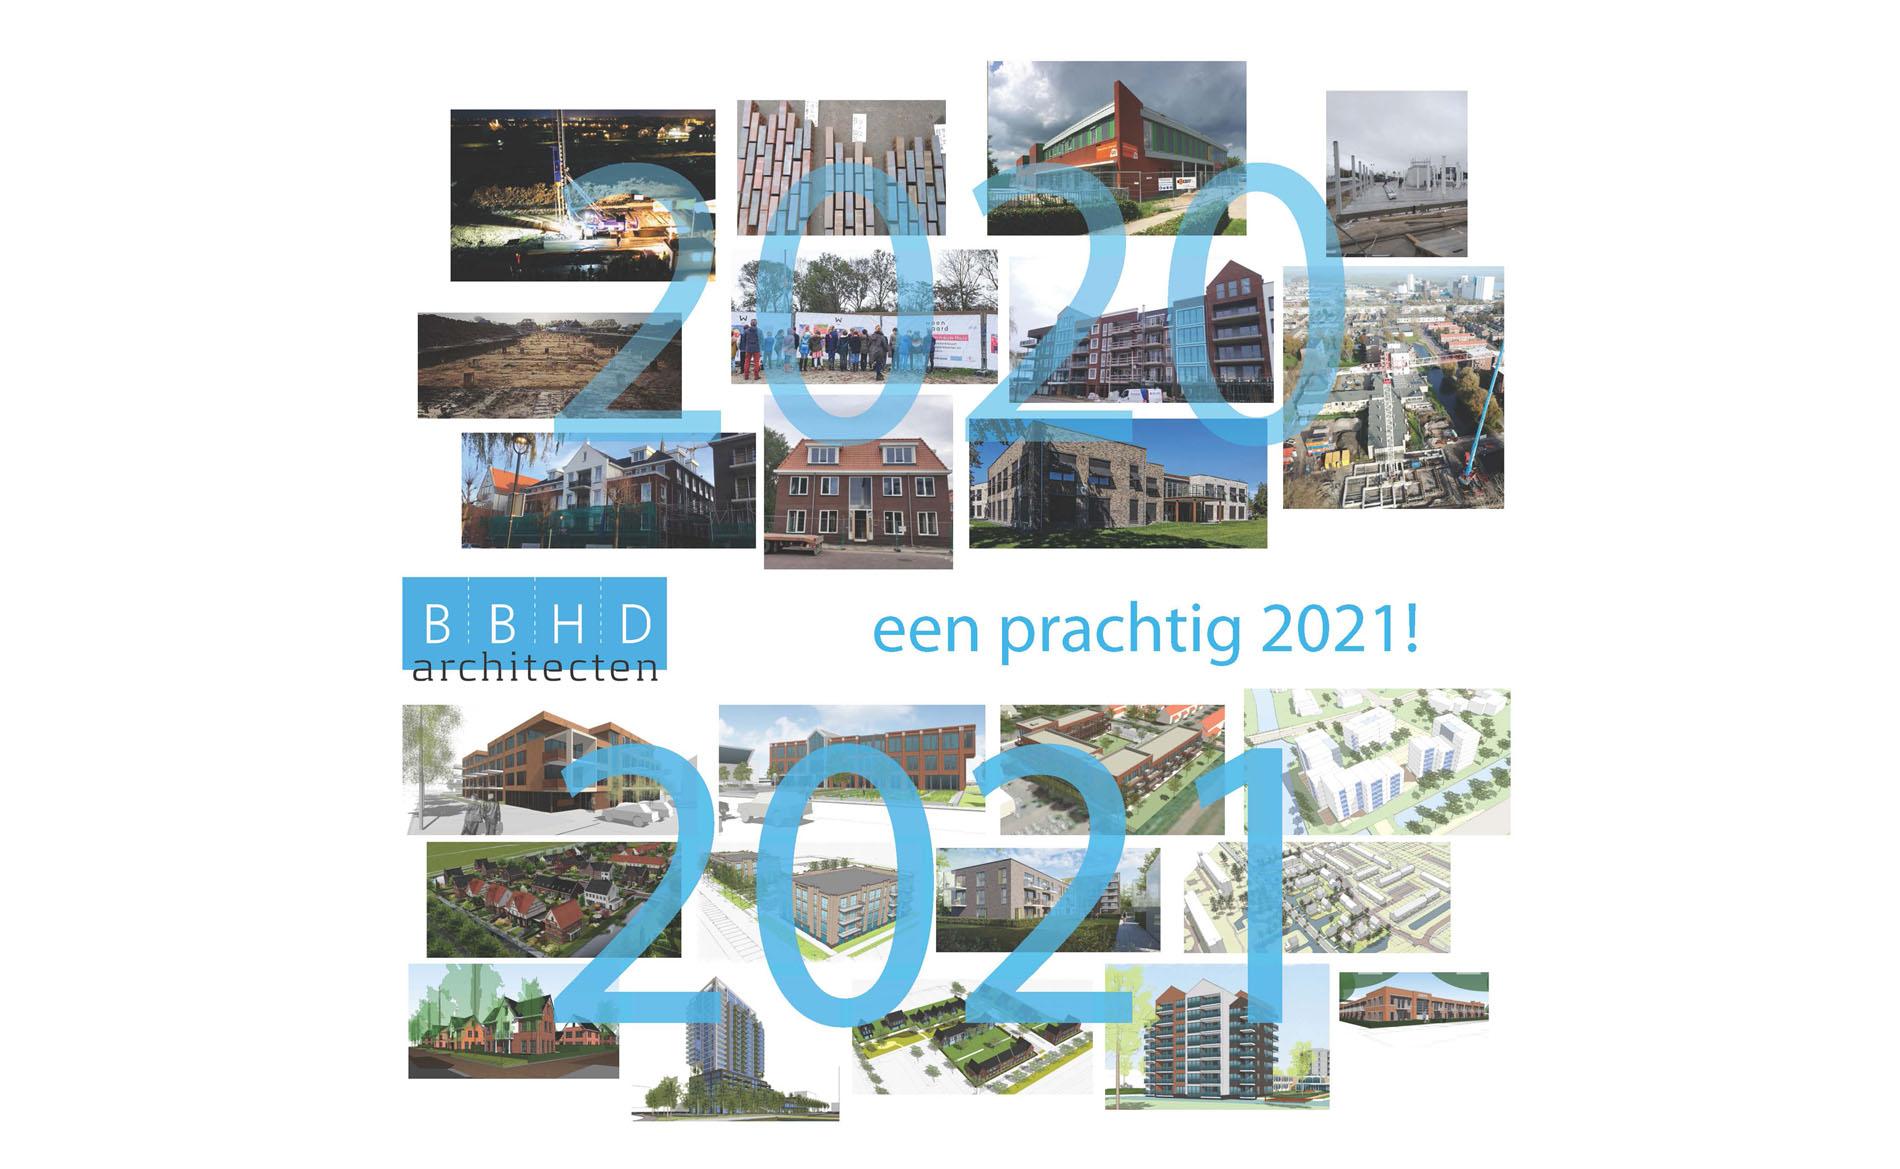 BBHD nieuwjaarswens 2021